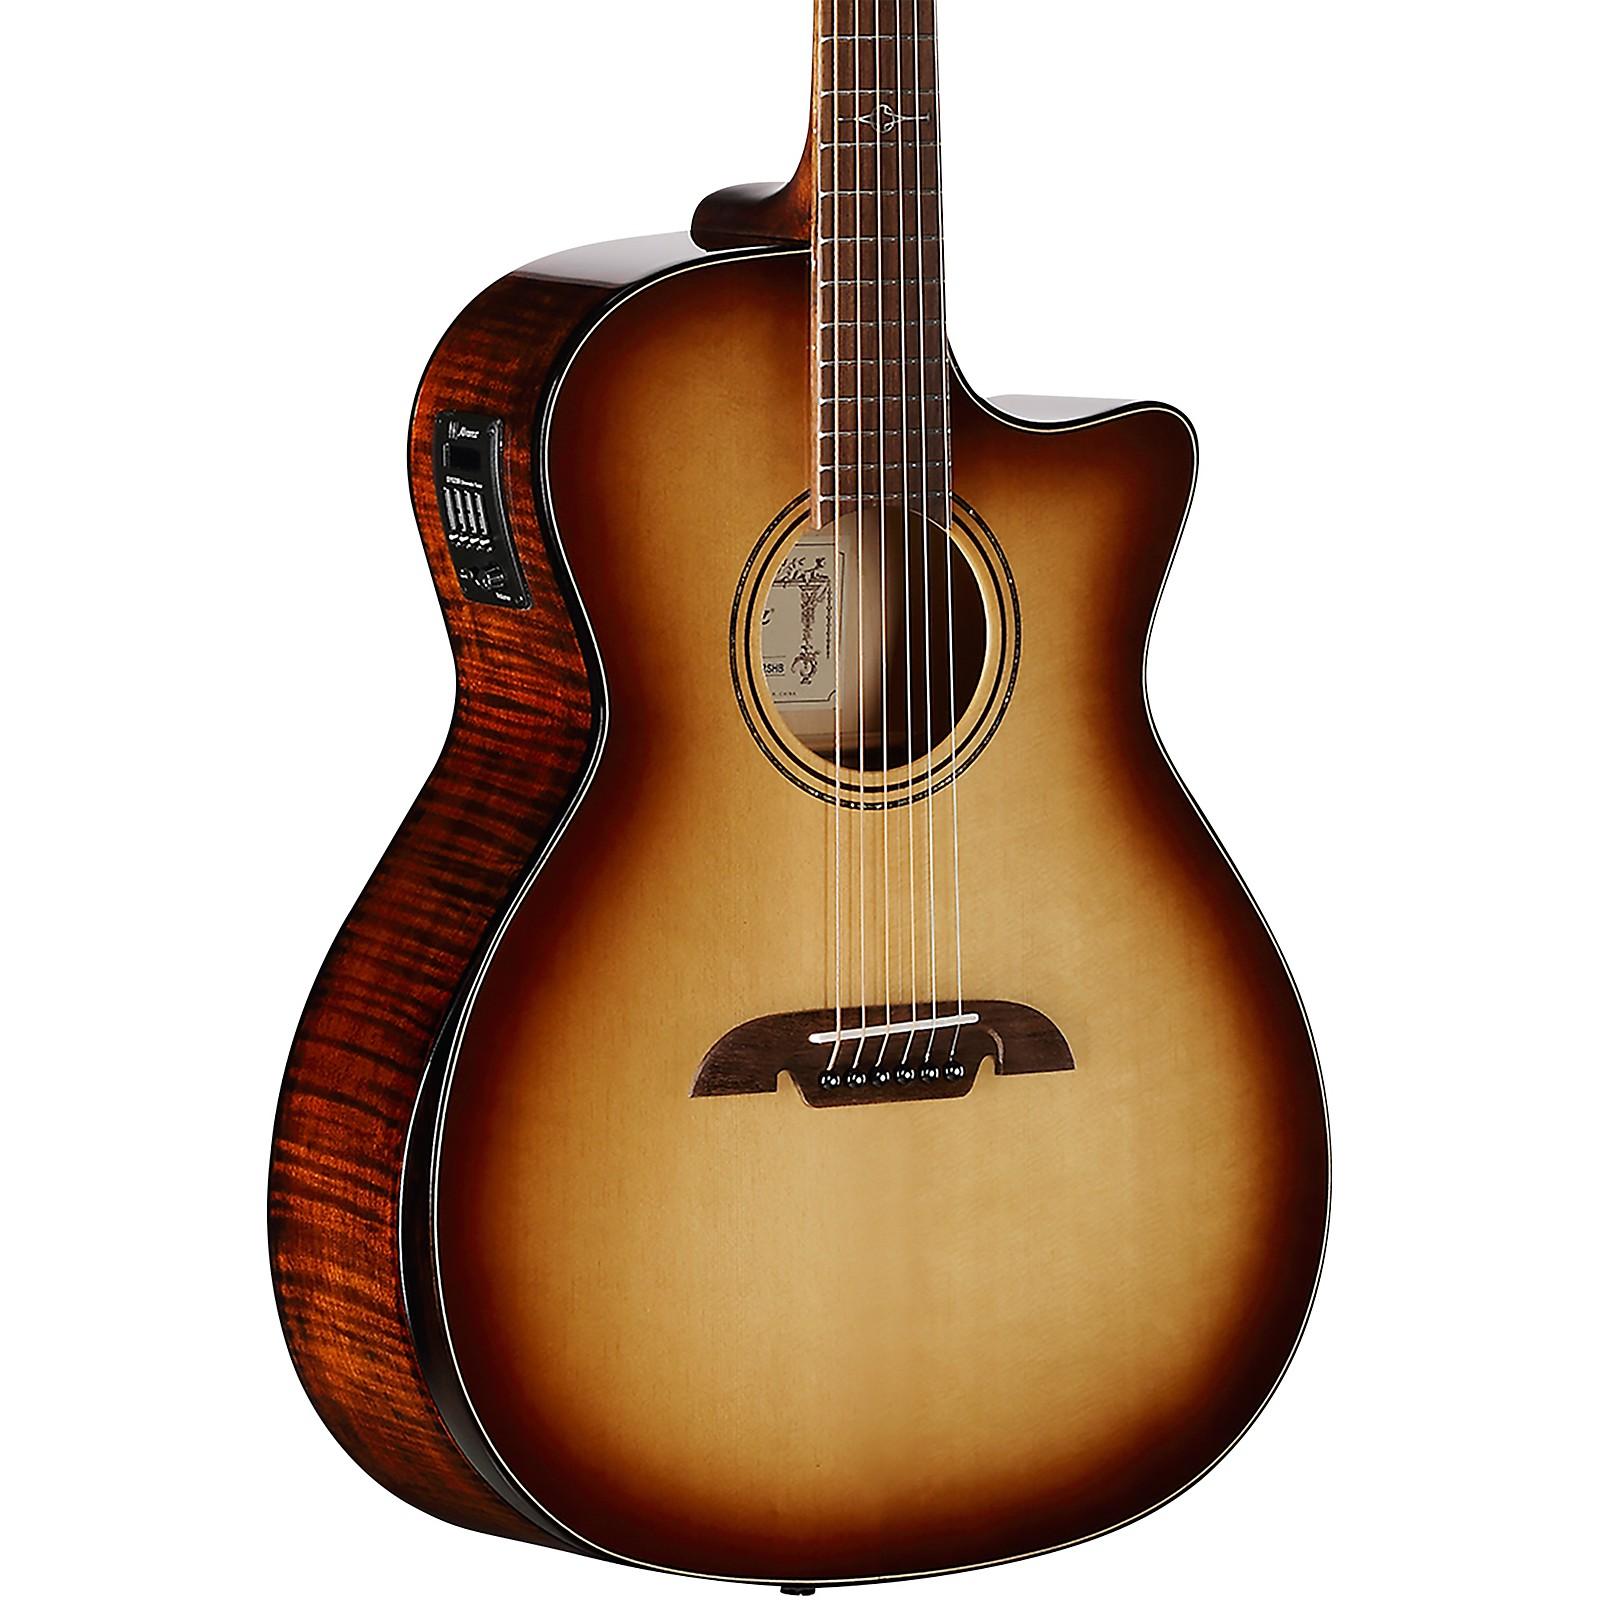 Alvarez AGFM810CEAR Artist Elite Shadowburst Grand Auditorium Acoustic-Electric Guitar